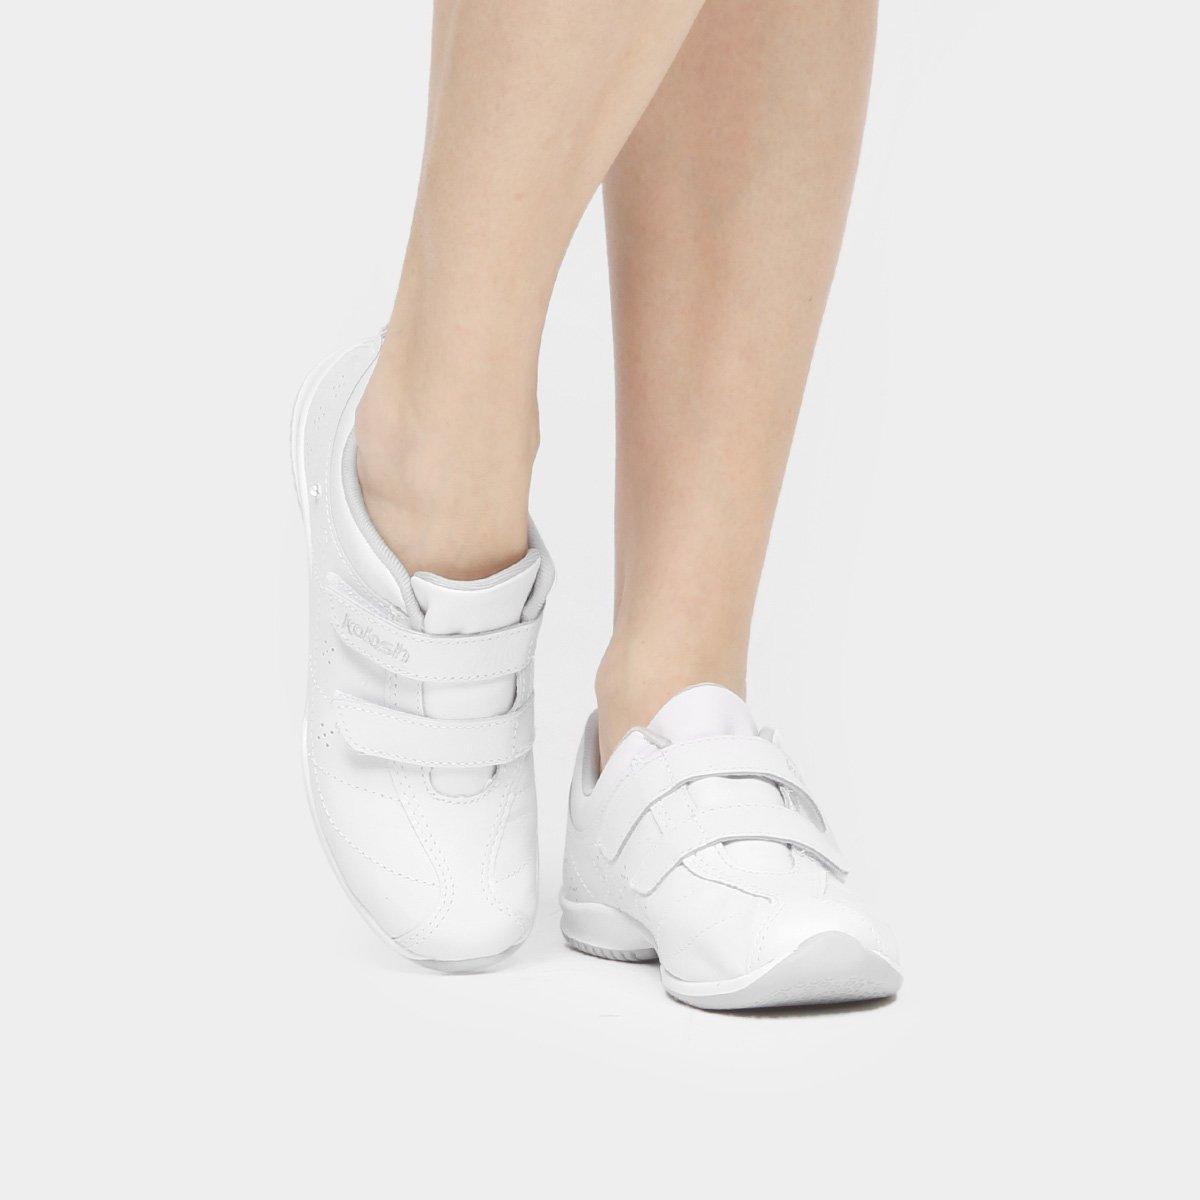 Velcros Branco Feminino Kolosh Tênis Strass Velcros Strass Branco Tênis Strass Kolosh Feminino Kolosh Velcros Tênis PB4wCq66n